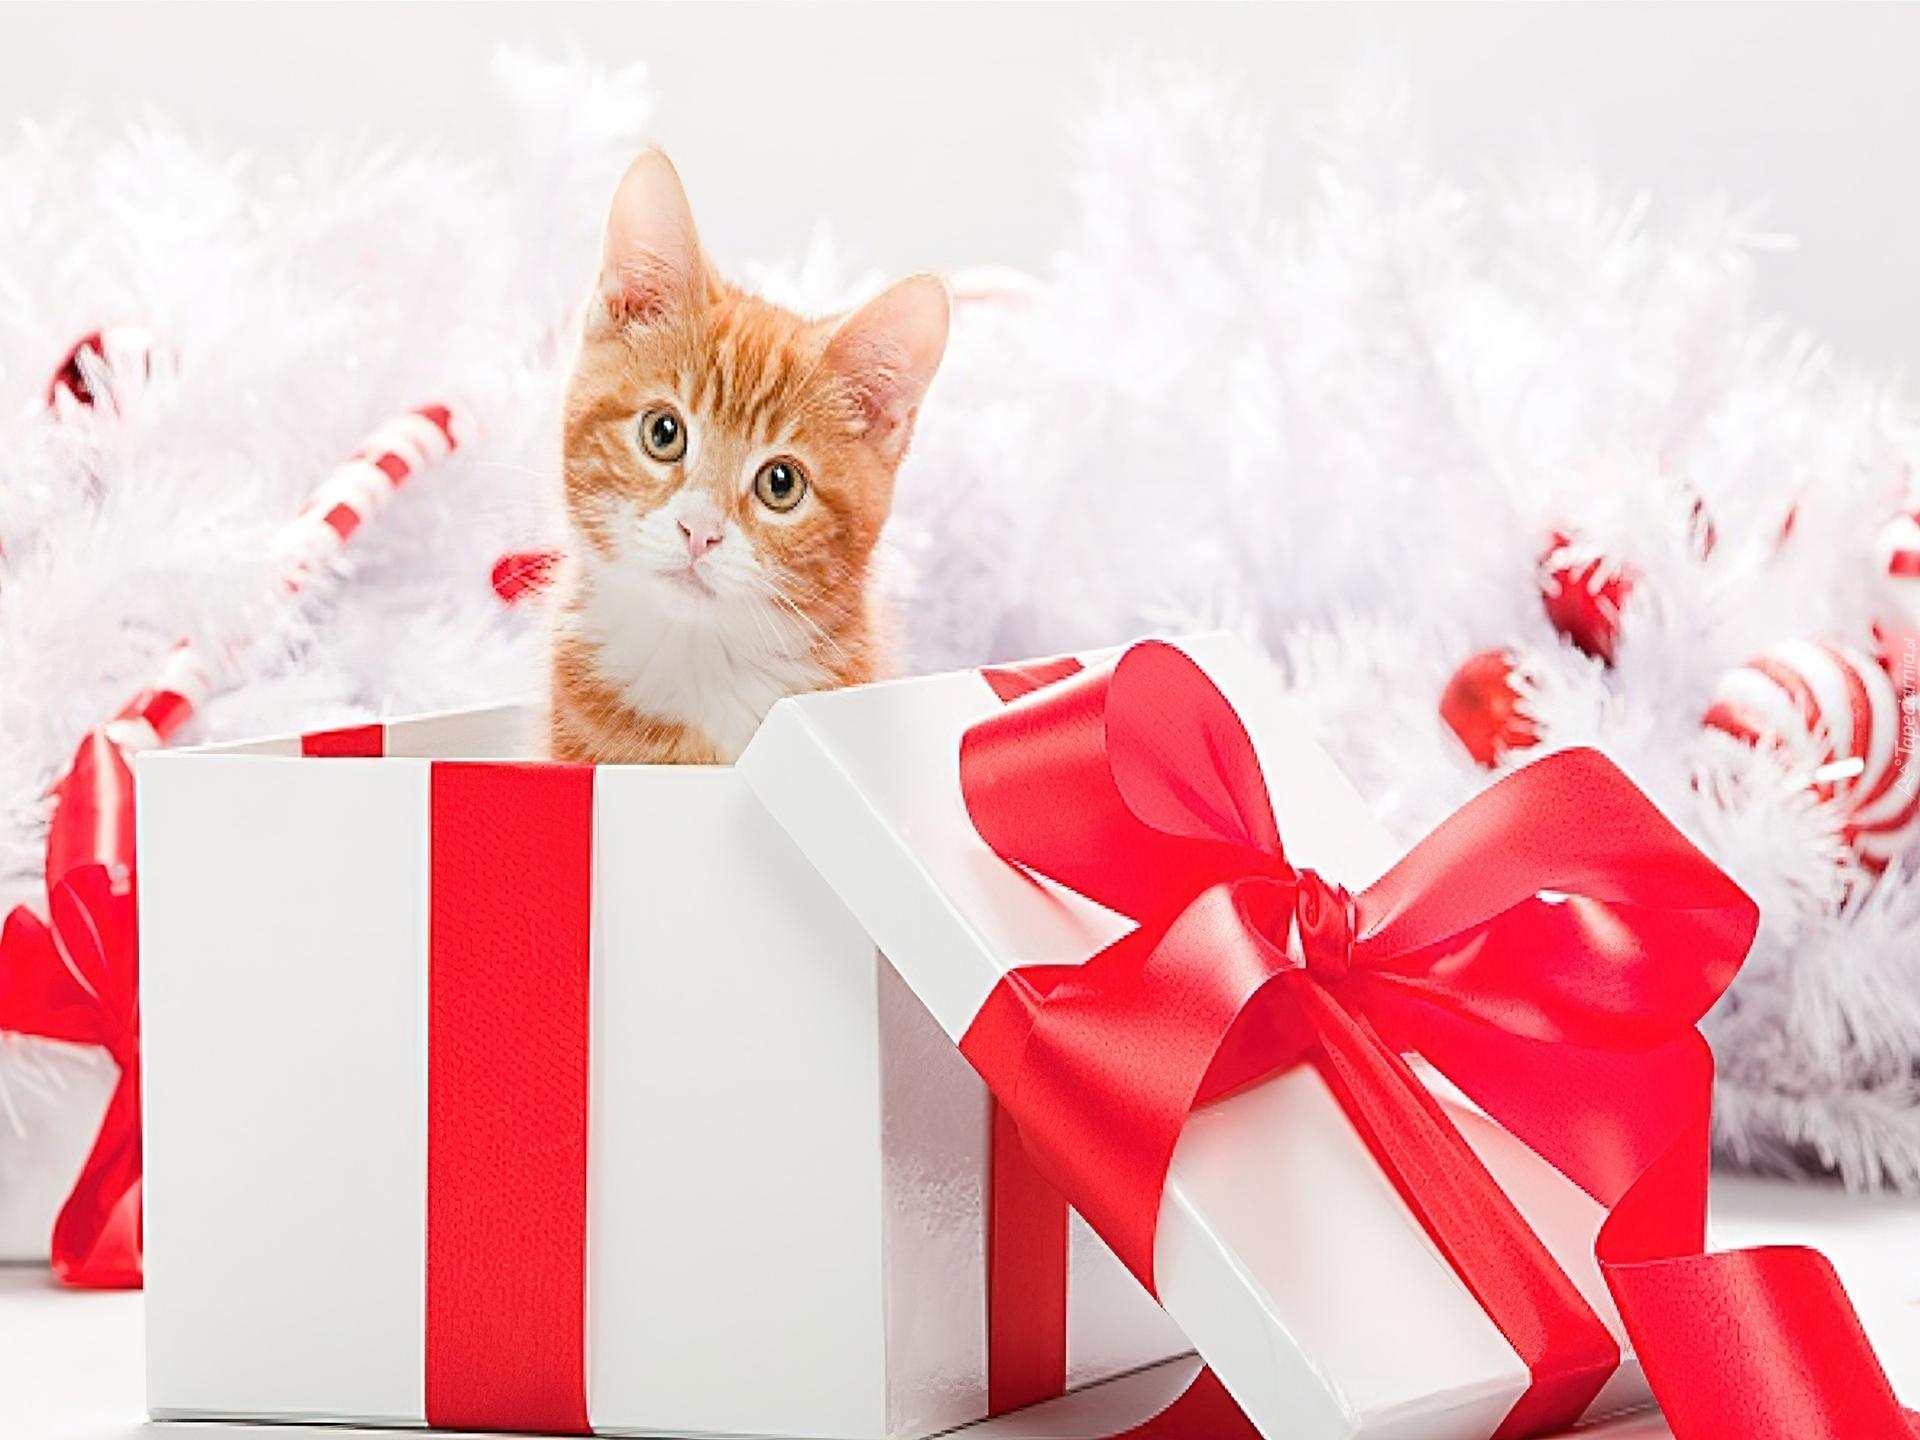 Юбилей зятю, кот с подарком открытка